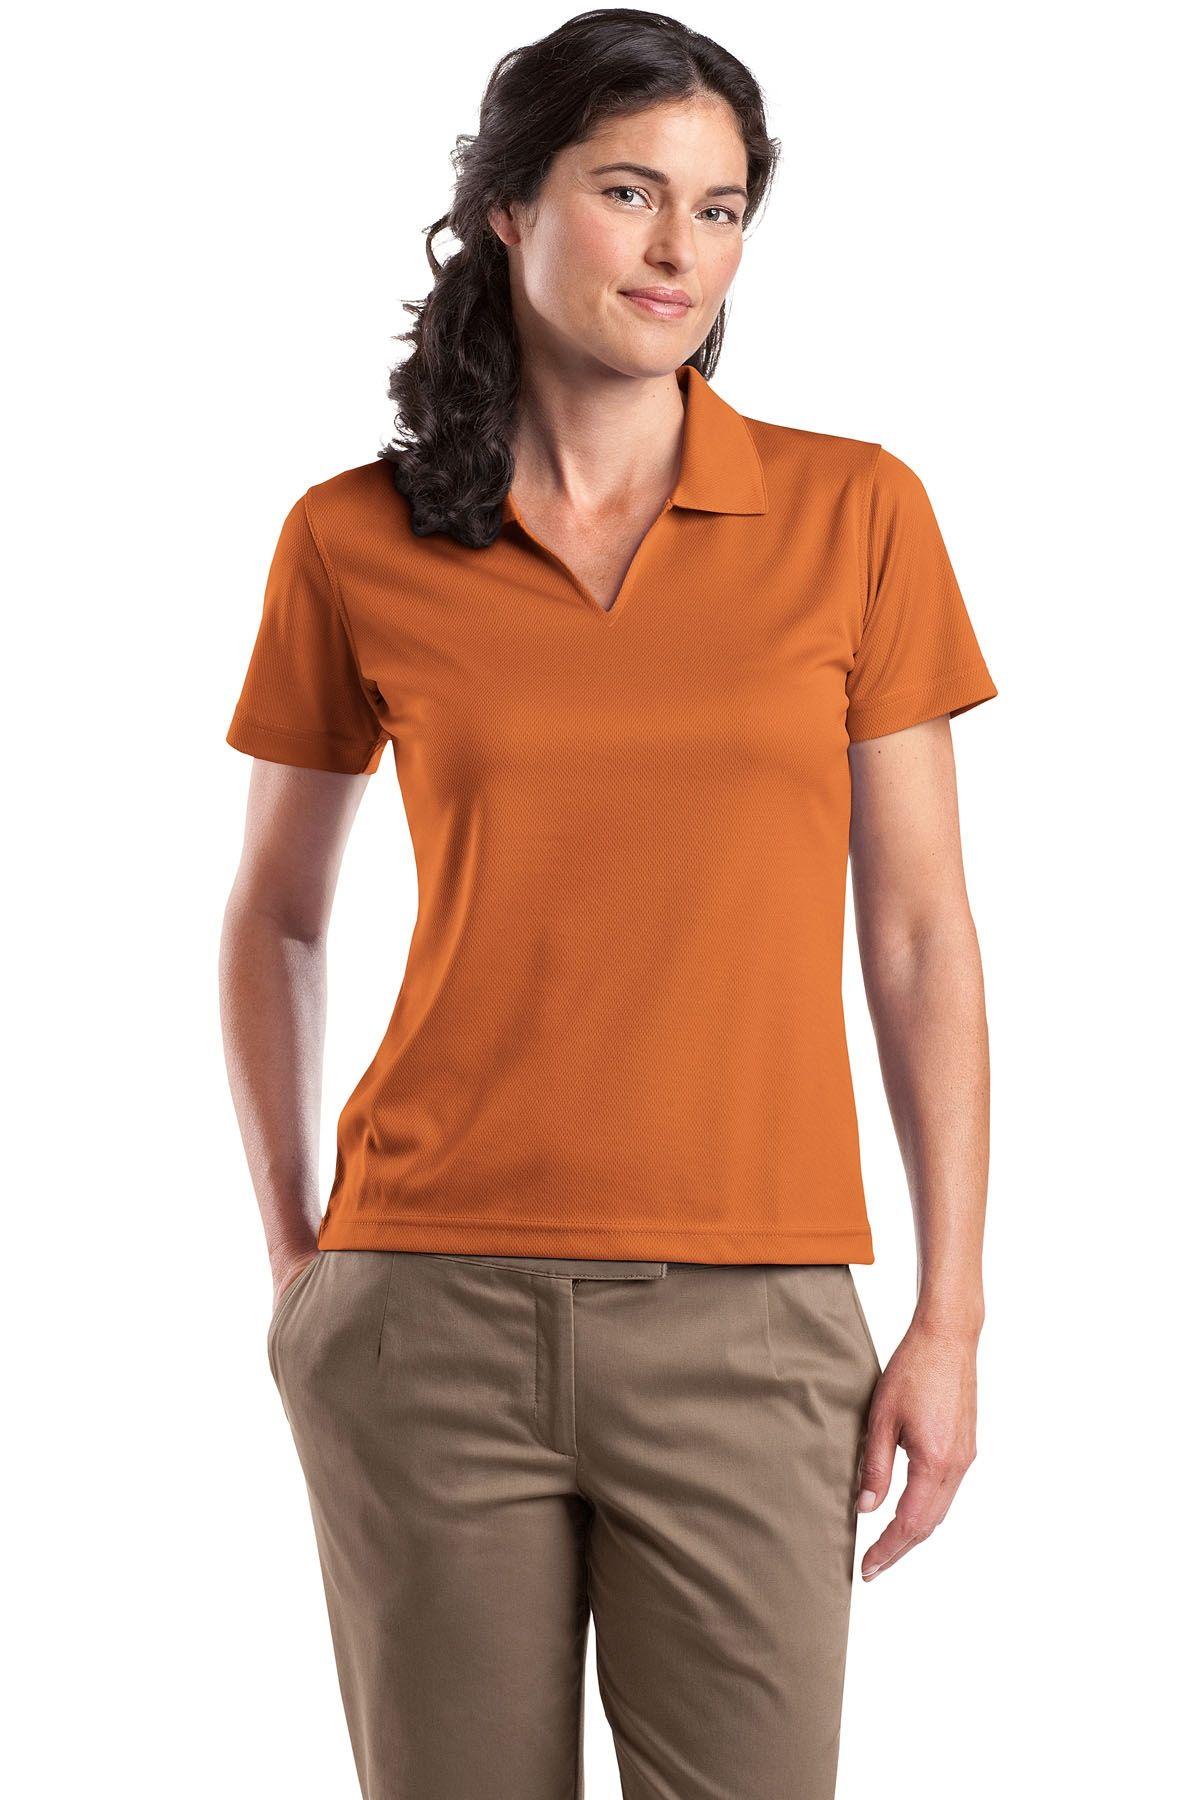 SportTek Ladies' Dri Mesh Polo Shirt Clothes, Golf t